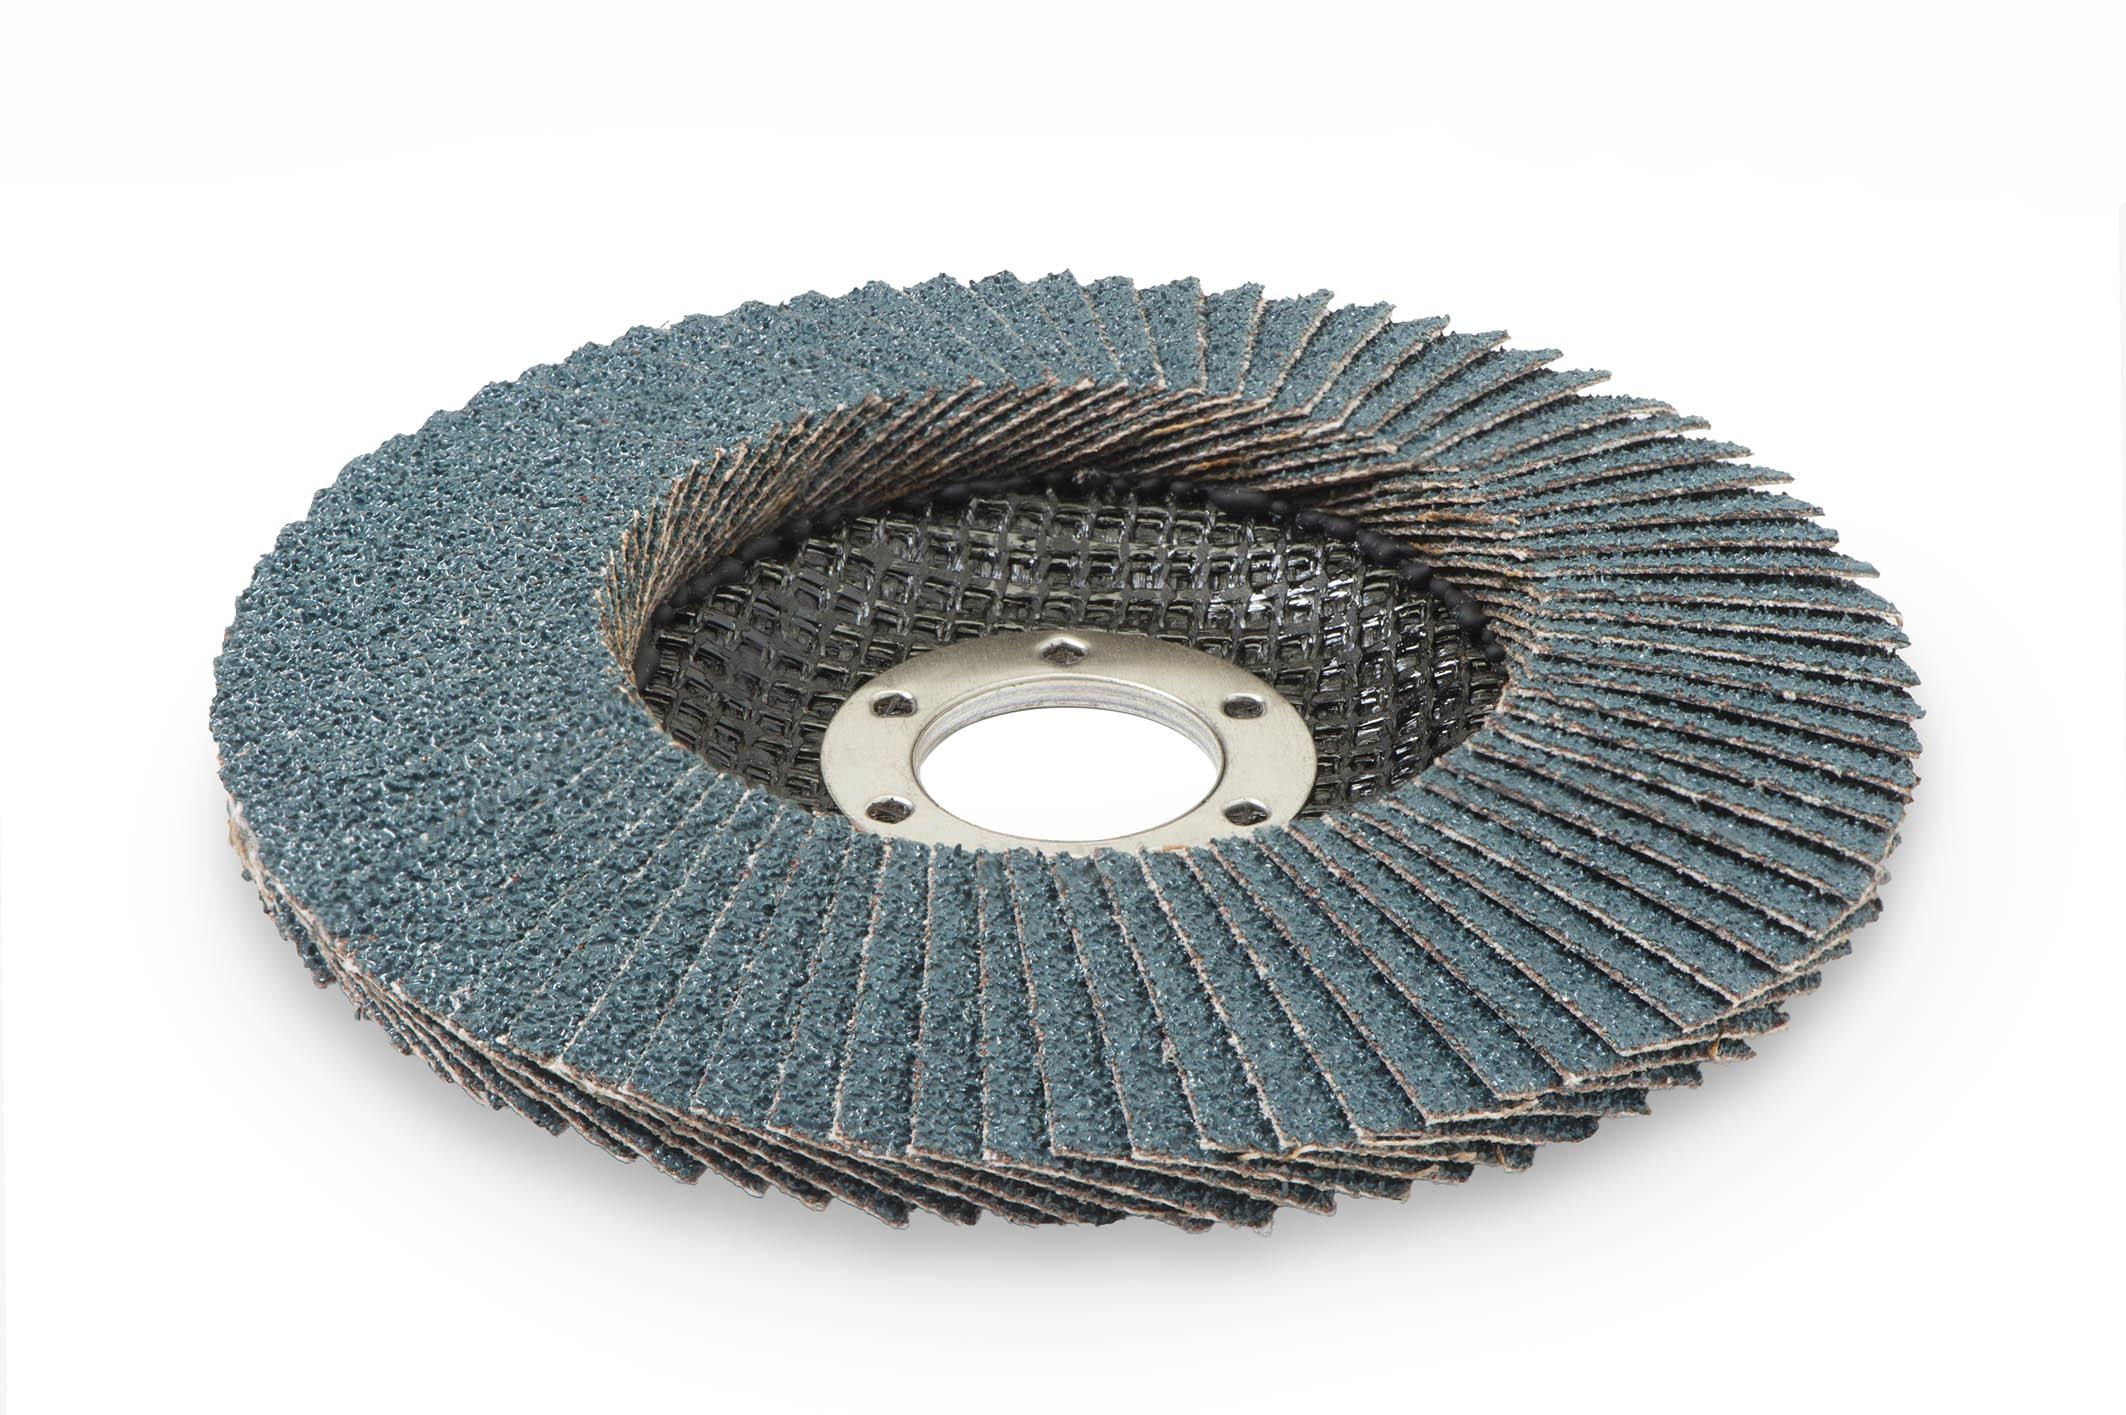 10 x STARCKE Fächerscheibe Schleifscheiben konisch Zirkon 115 mm Korn 40 | 190016